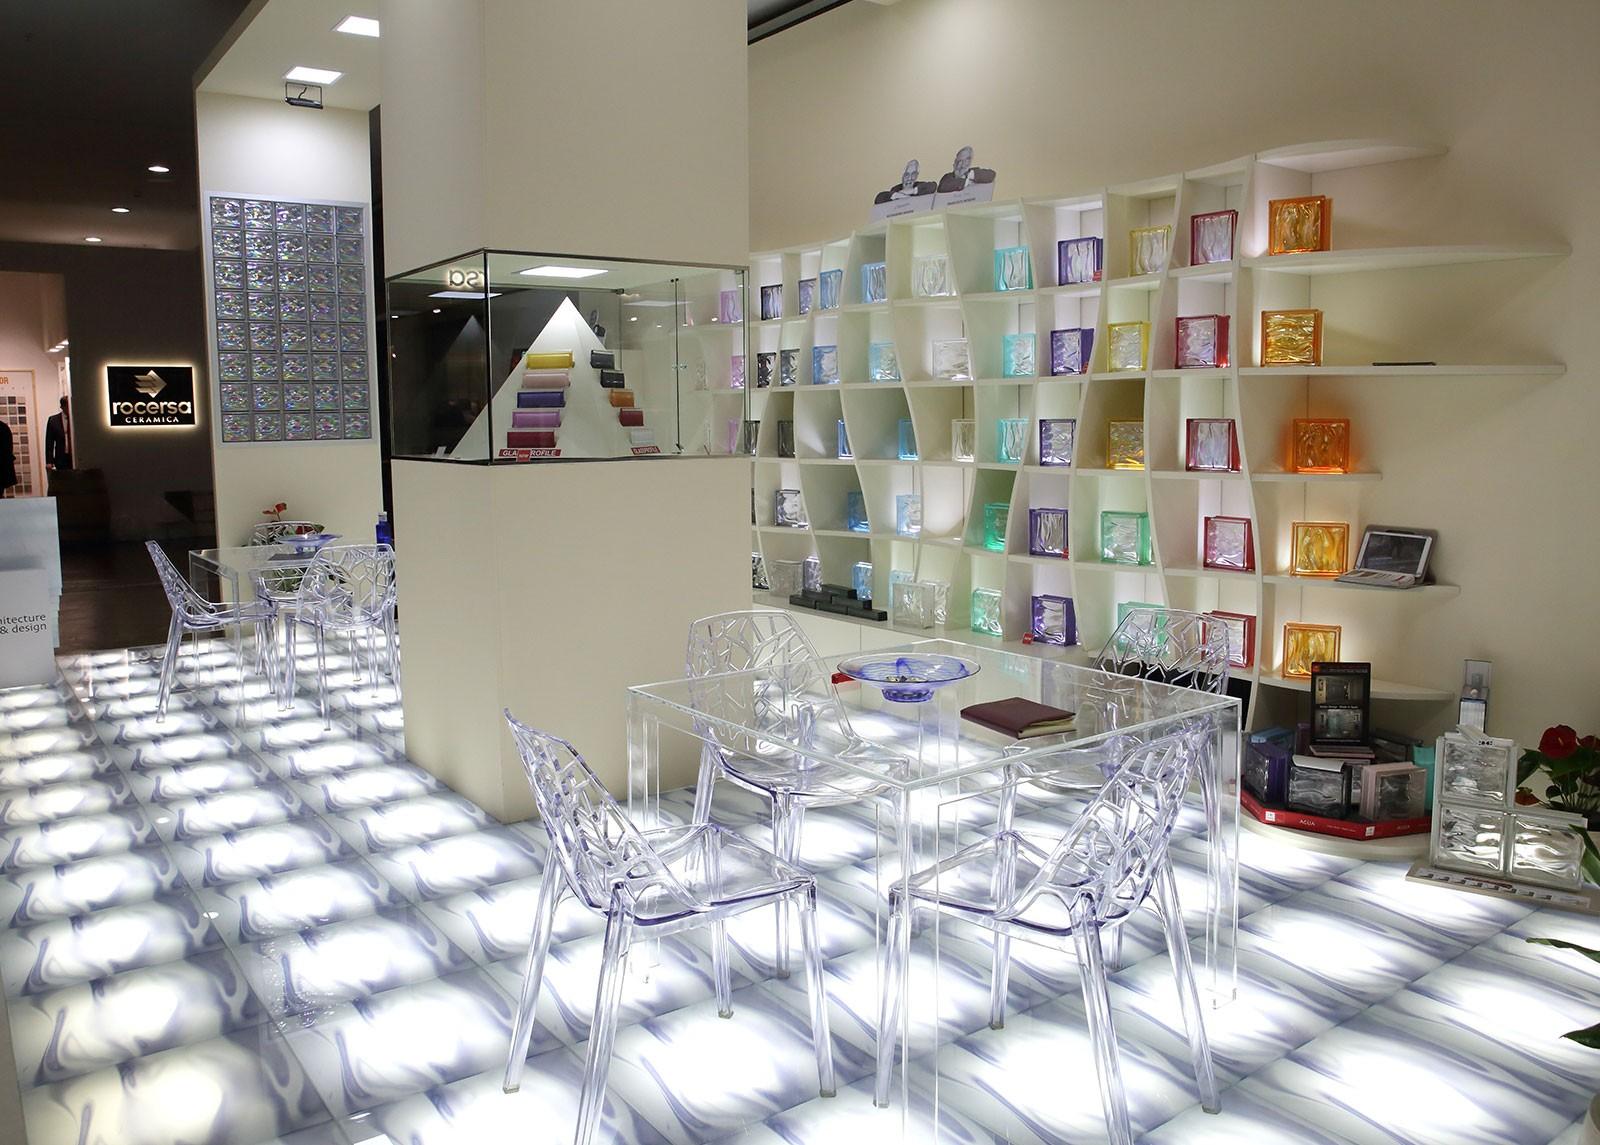 Nuevos productos en Cevisama 2018 07